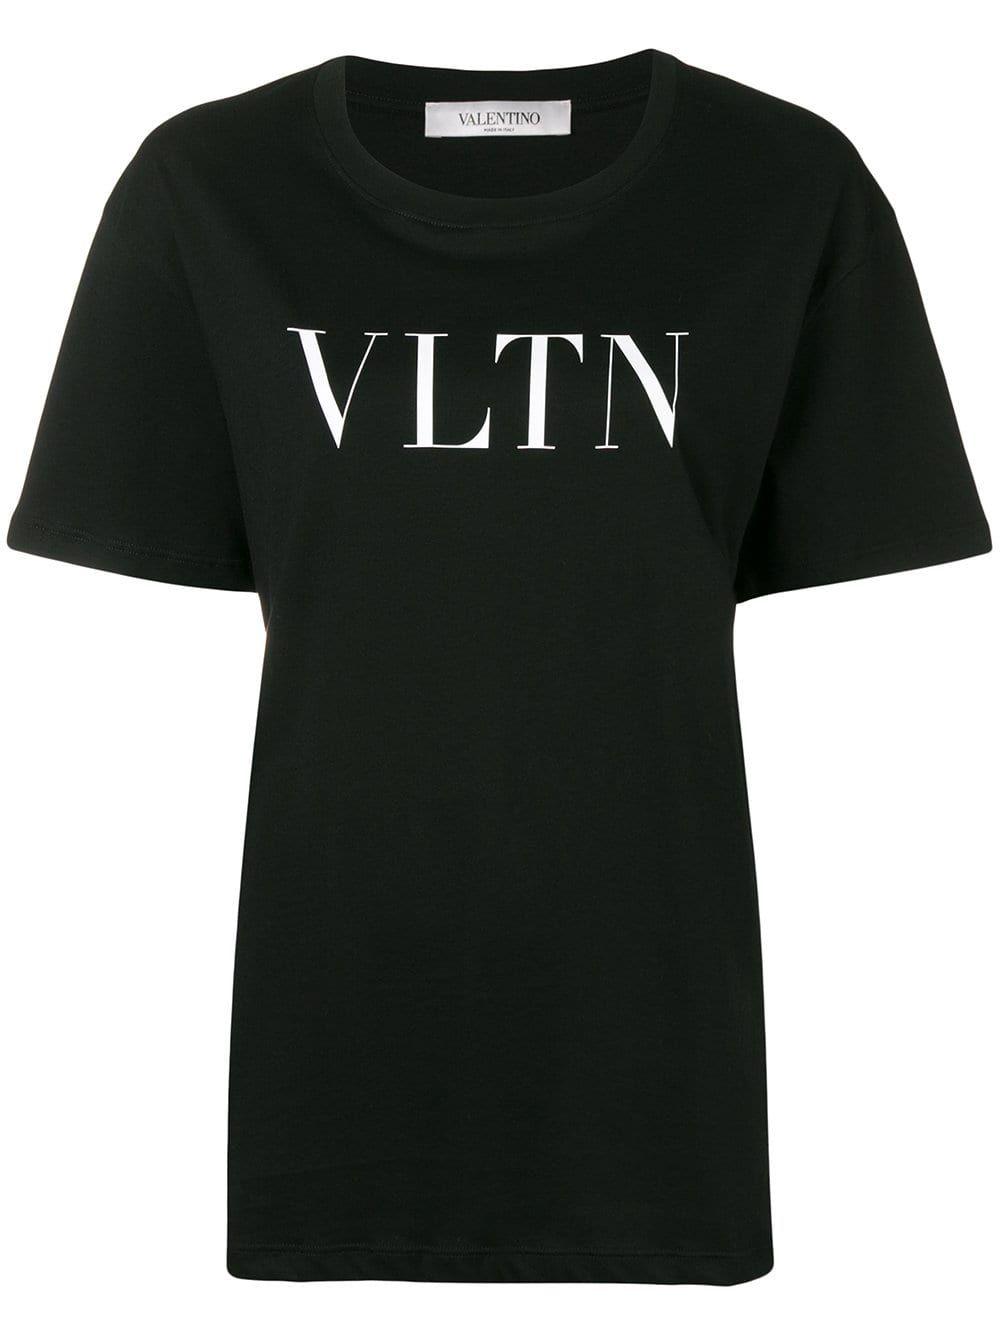 5ce5d1fc9fda70 Valentino t-shirt à VLTN imprimé Camiseta Valentino, Compras, Moda, Blusas